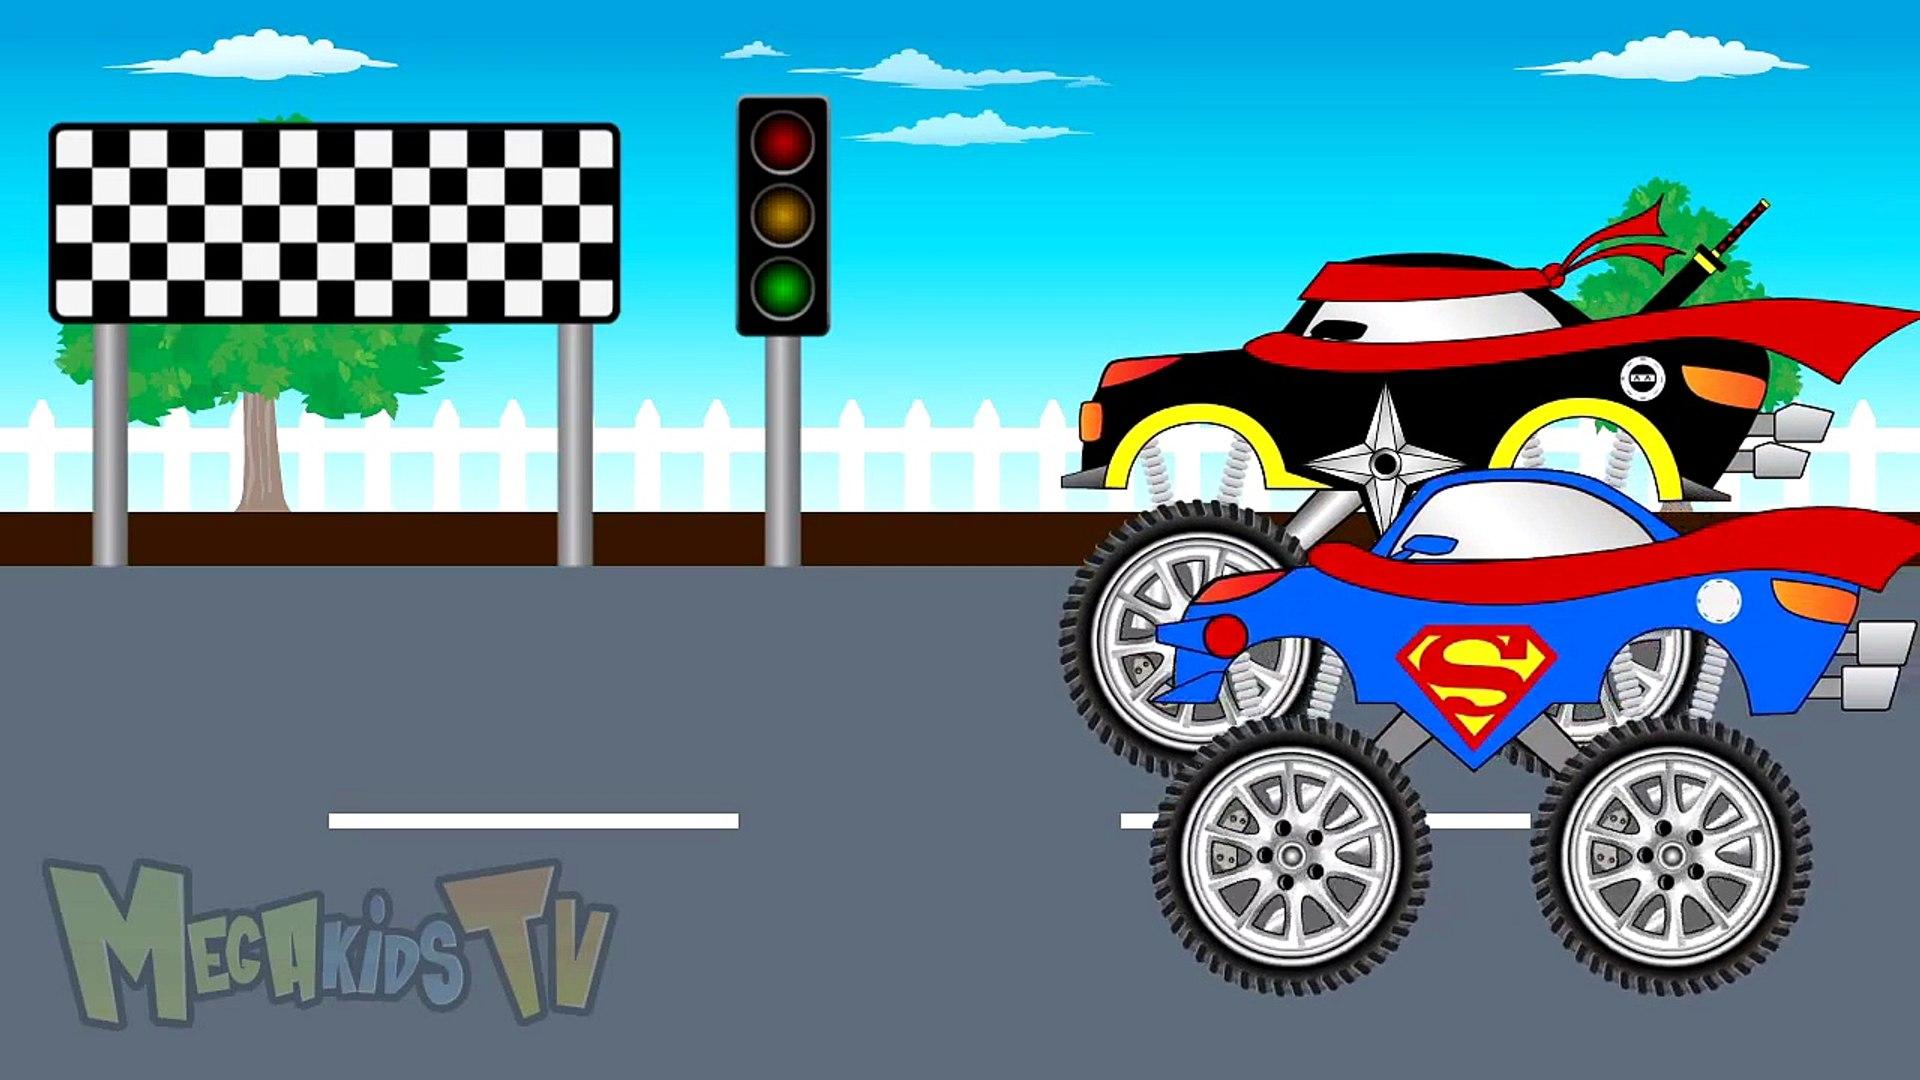 Superman Truck Vs Ninja Truck - Truck for kids - Mega Kids Tv